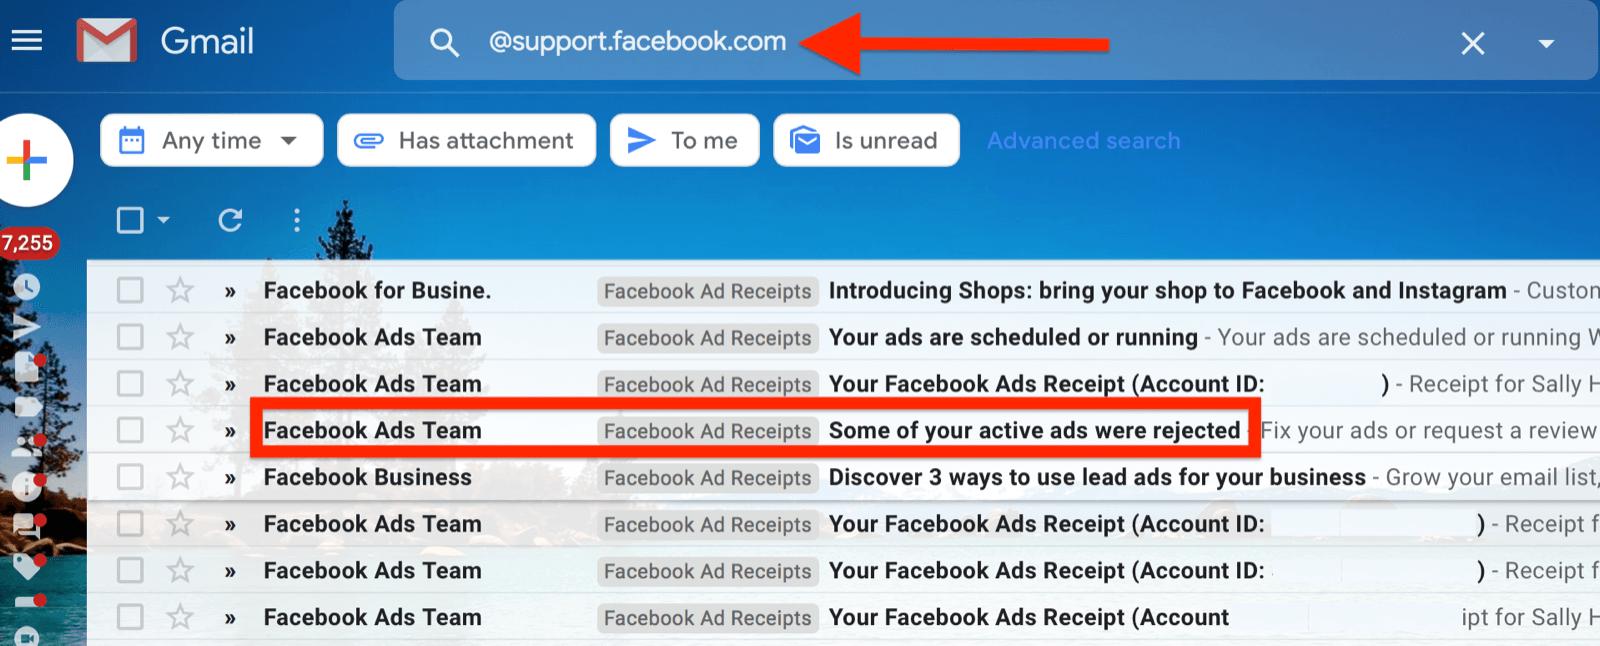 @ support.facebook.com的Gmail过滤器示例,用于隔离所有Facebook广告电子邮件通知